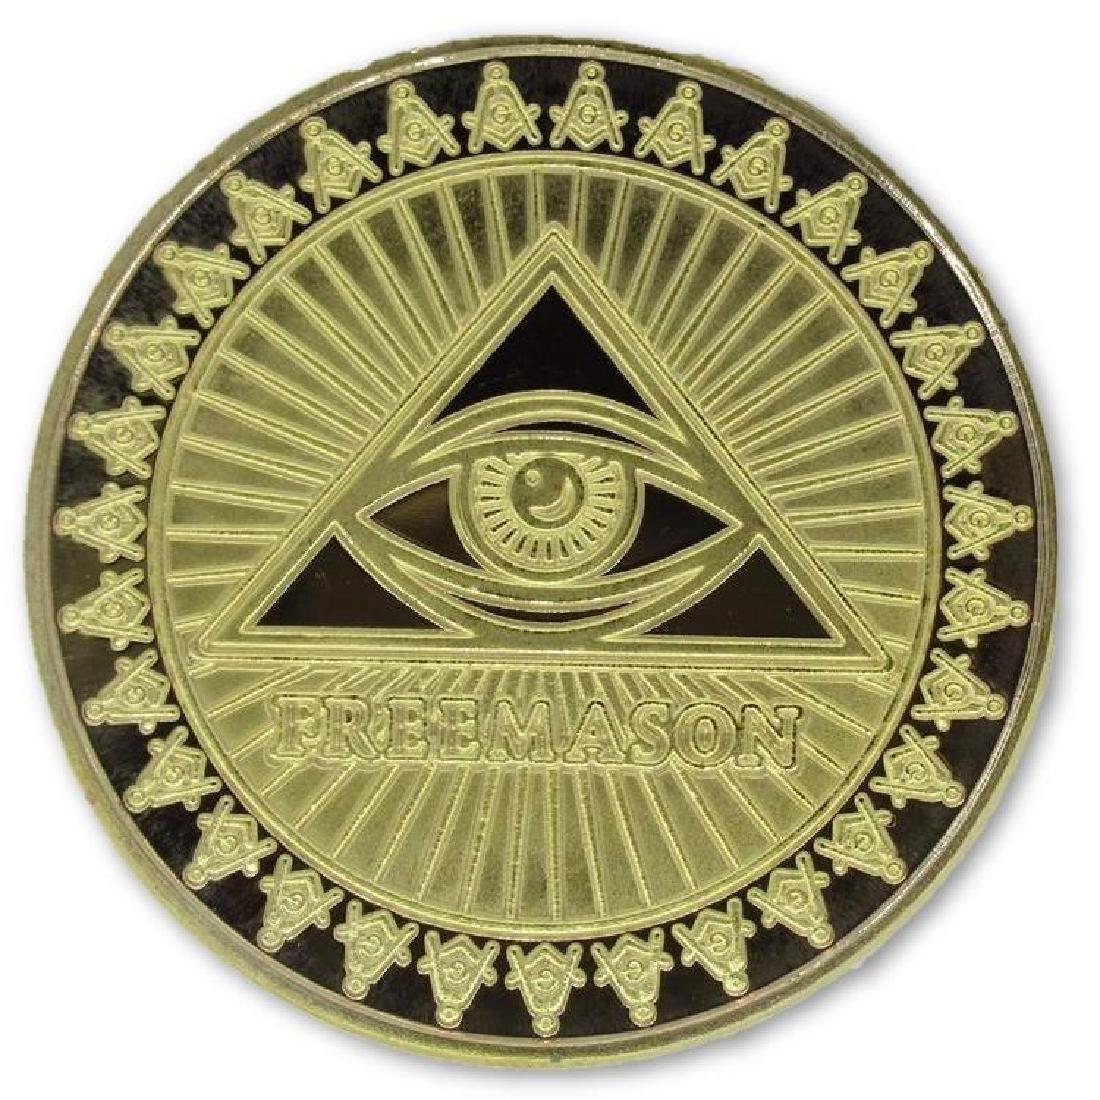 Freemason 24K Gold Clad Collectible Token Coin